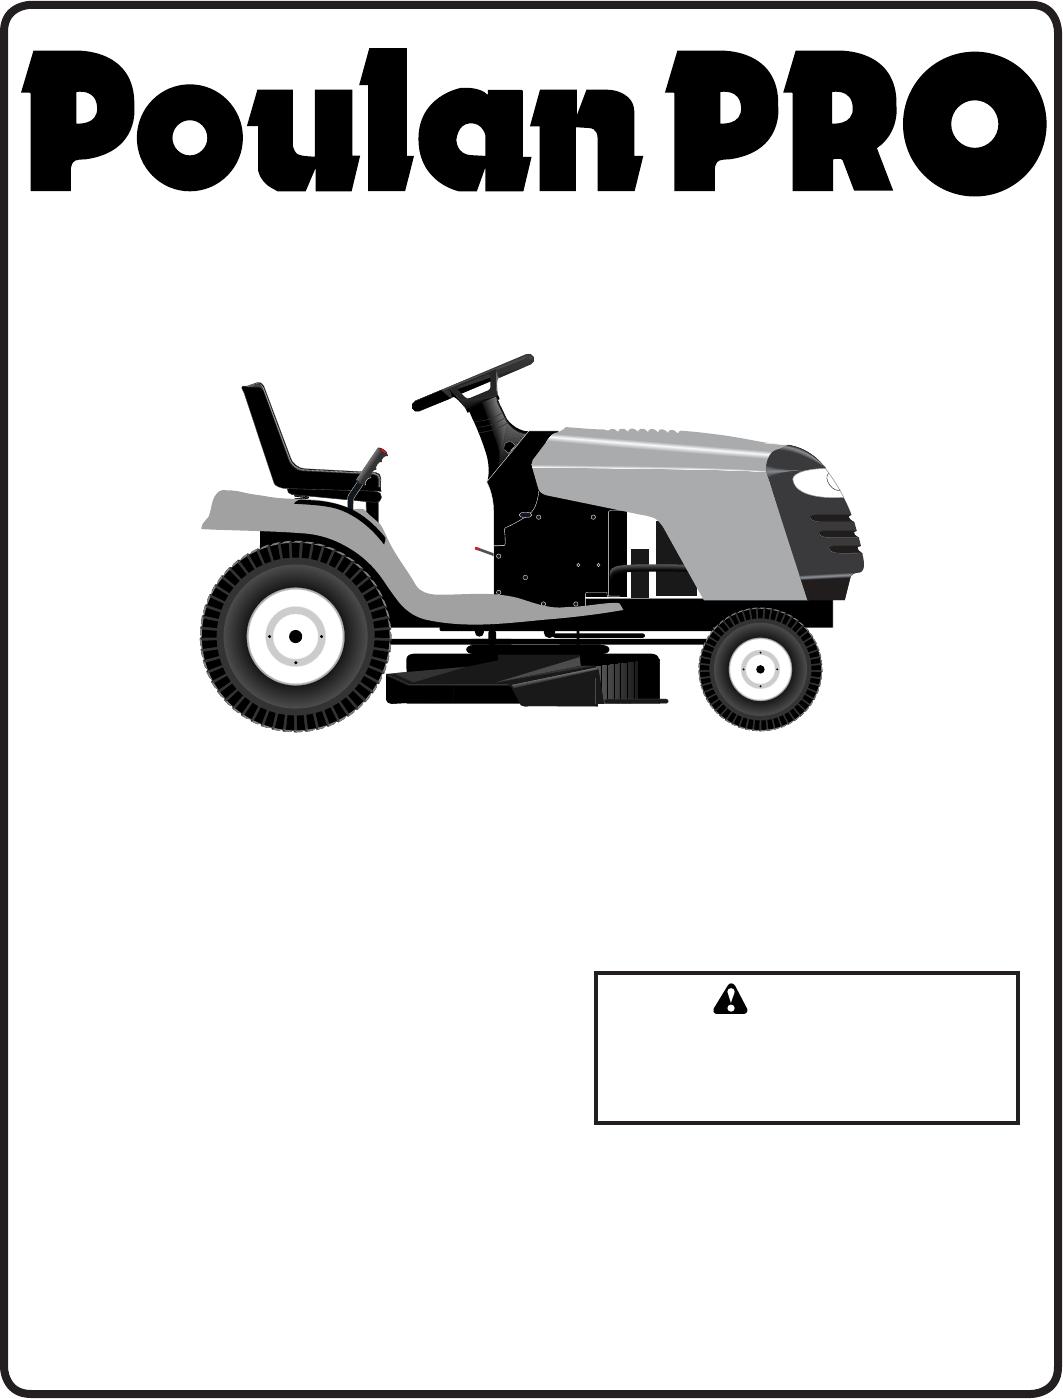 poulan lawn mower pb19546lt user guide manualsonline com rh lawnandgarden manualsonline com poulan riding lawn mower parts manual poulan riding lawn mower repair manual